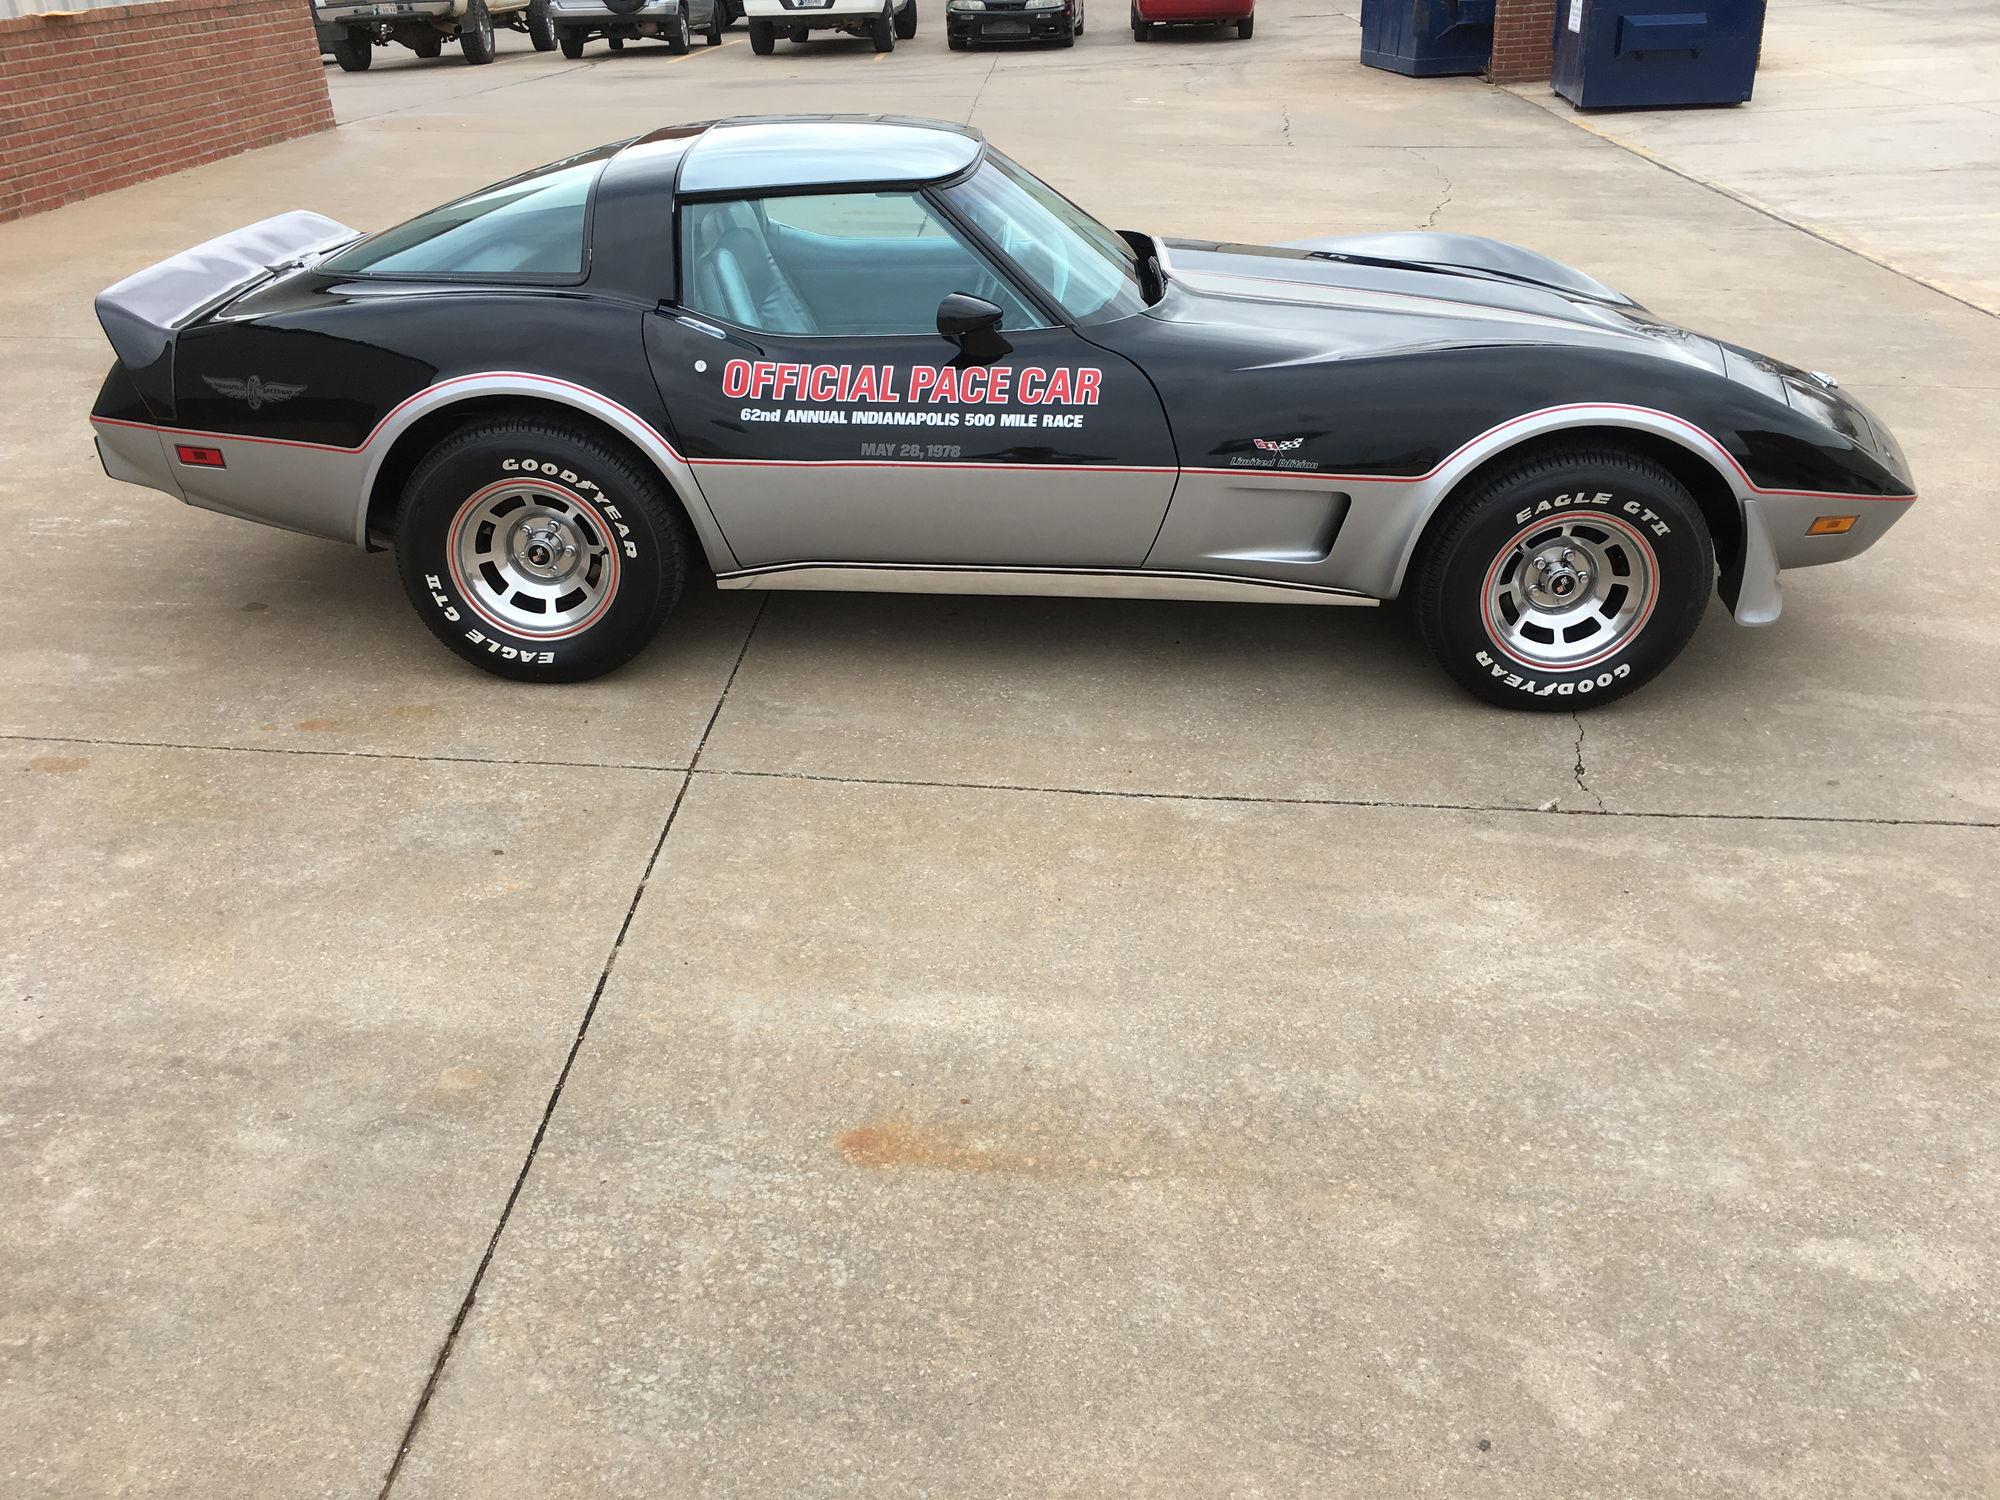 1978 corvette pace car 6140 miles 25k corvetteforum chevrolet corvette forum discussion. Black Bedroom Furniture Sets. Home Design Ideas